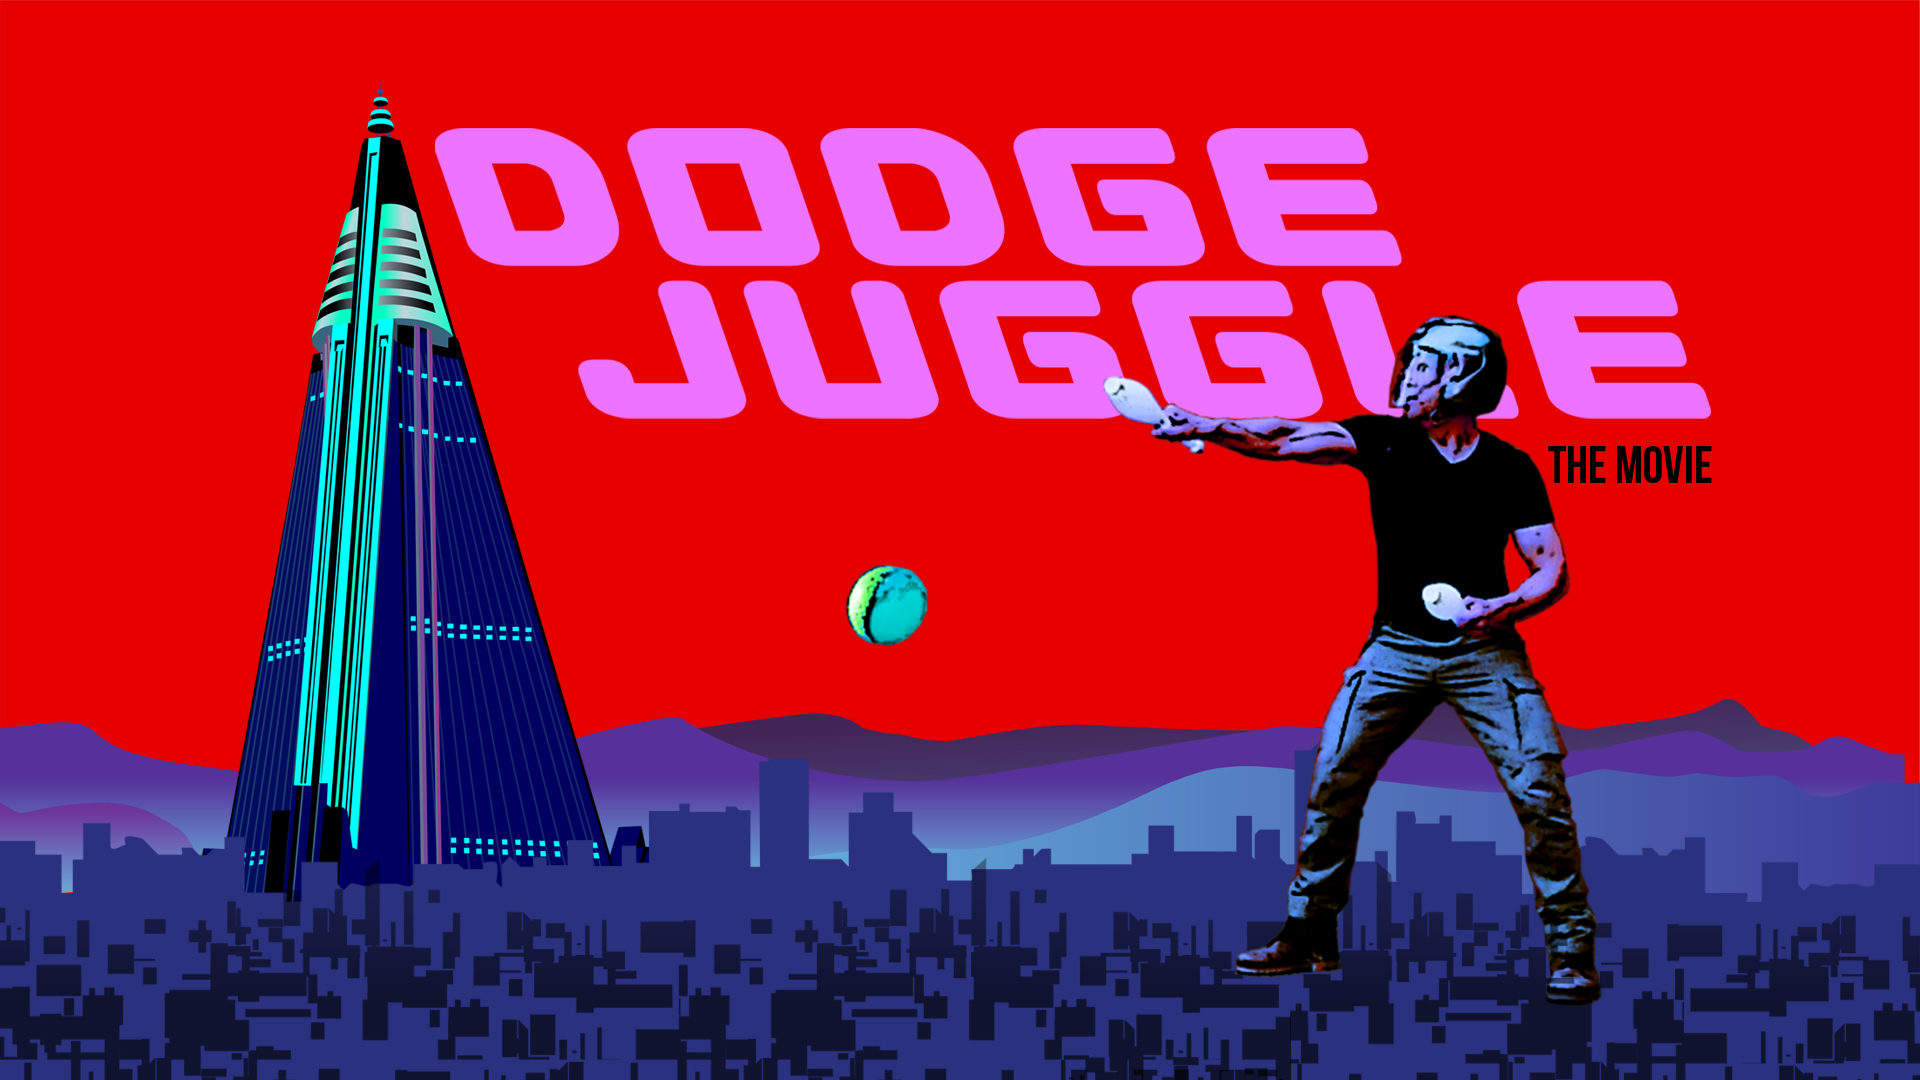 dodgejuggleTHEMOVIE